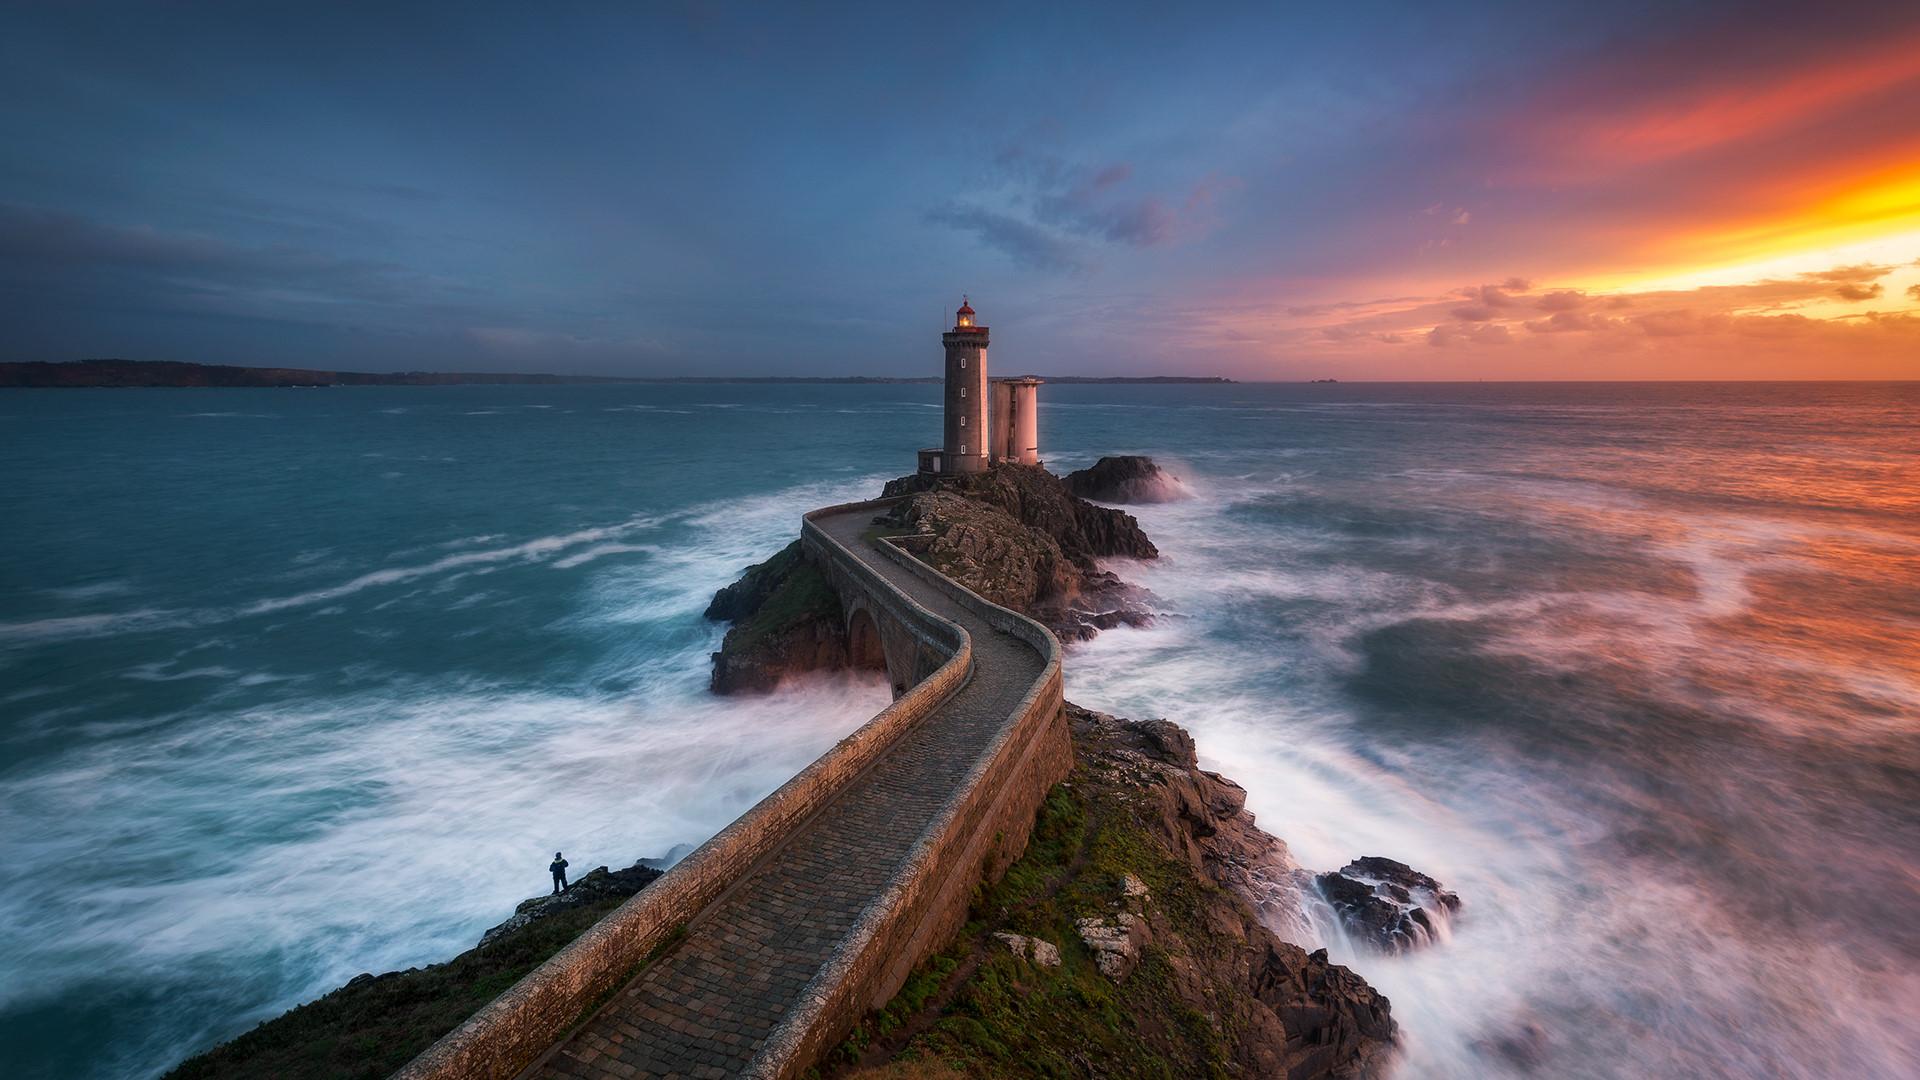 Ngọn hải đăng nổi tiếng nhờ bức ảnh khiến người xem lạnh gáy Ảnh 2